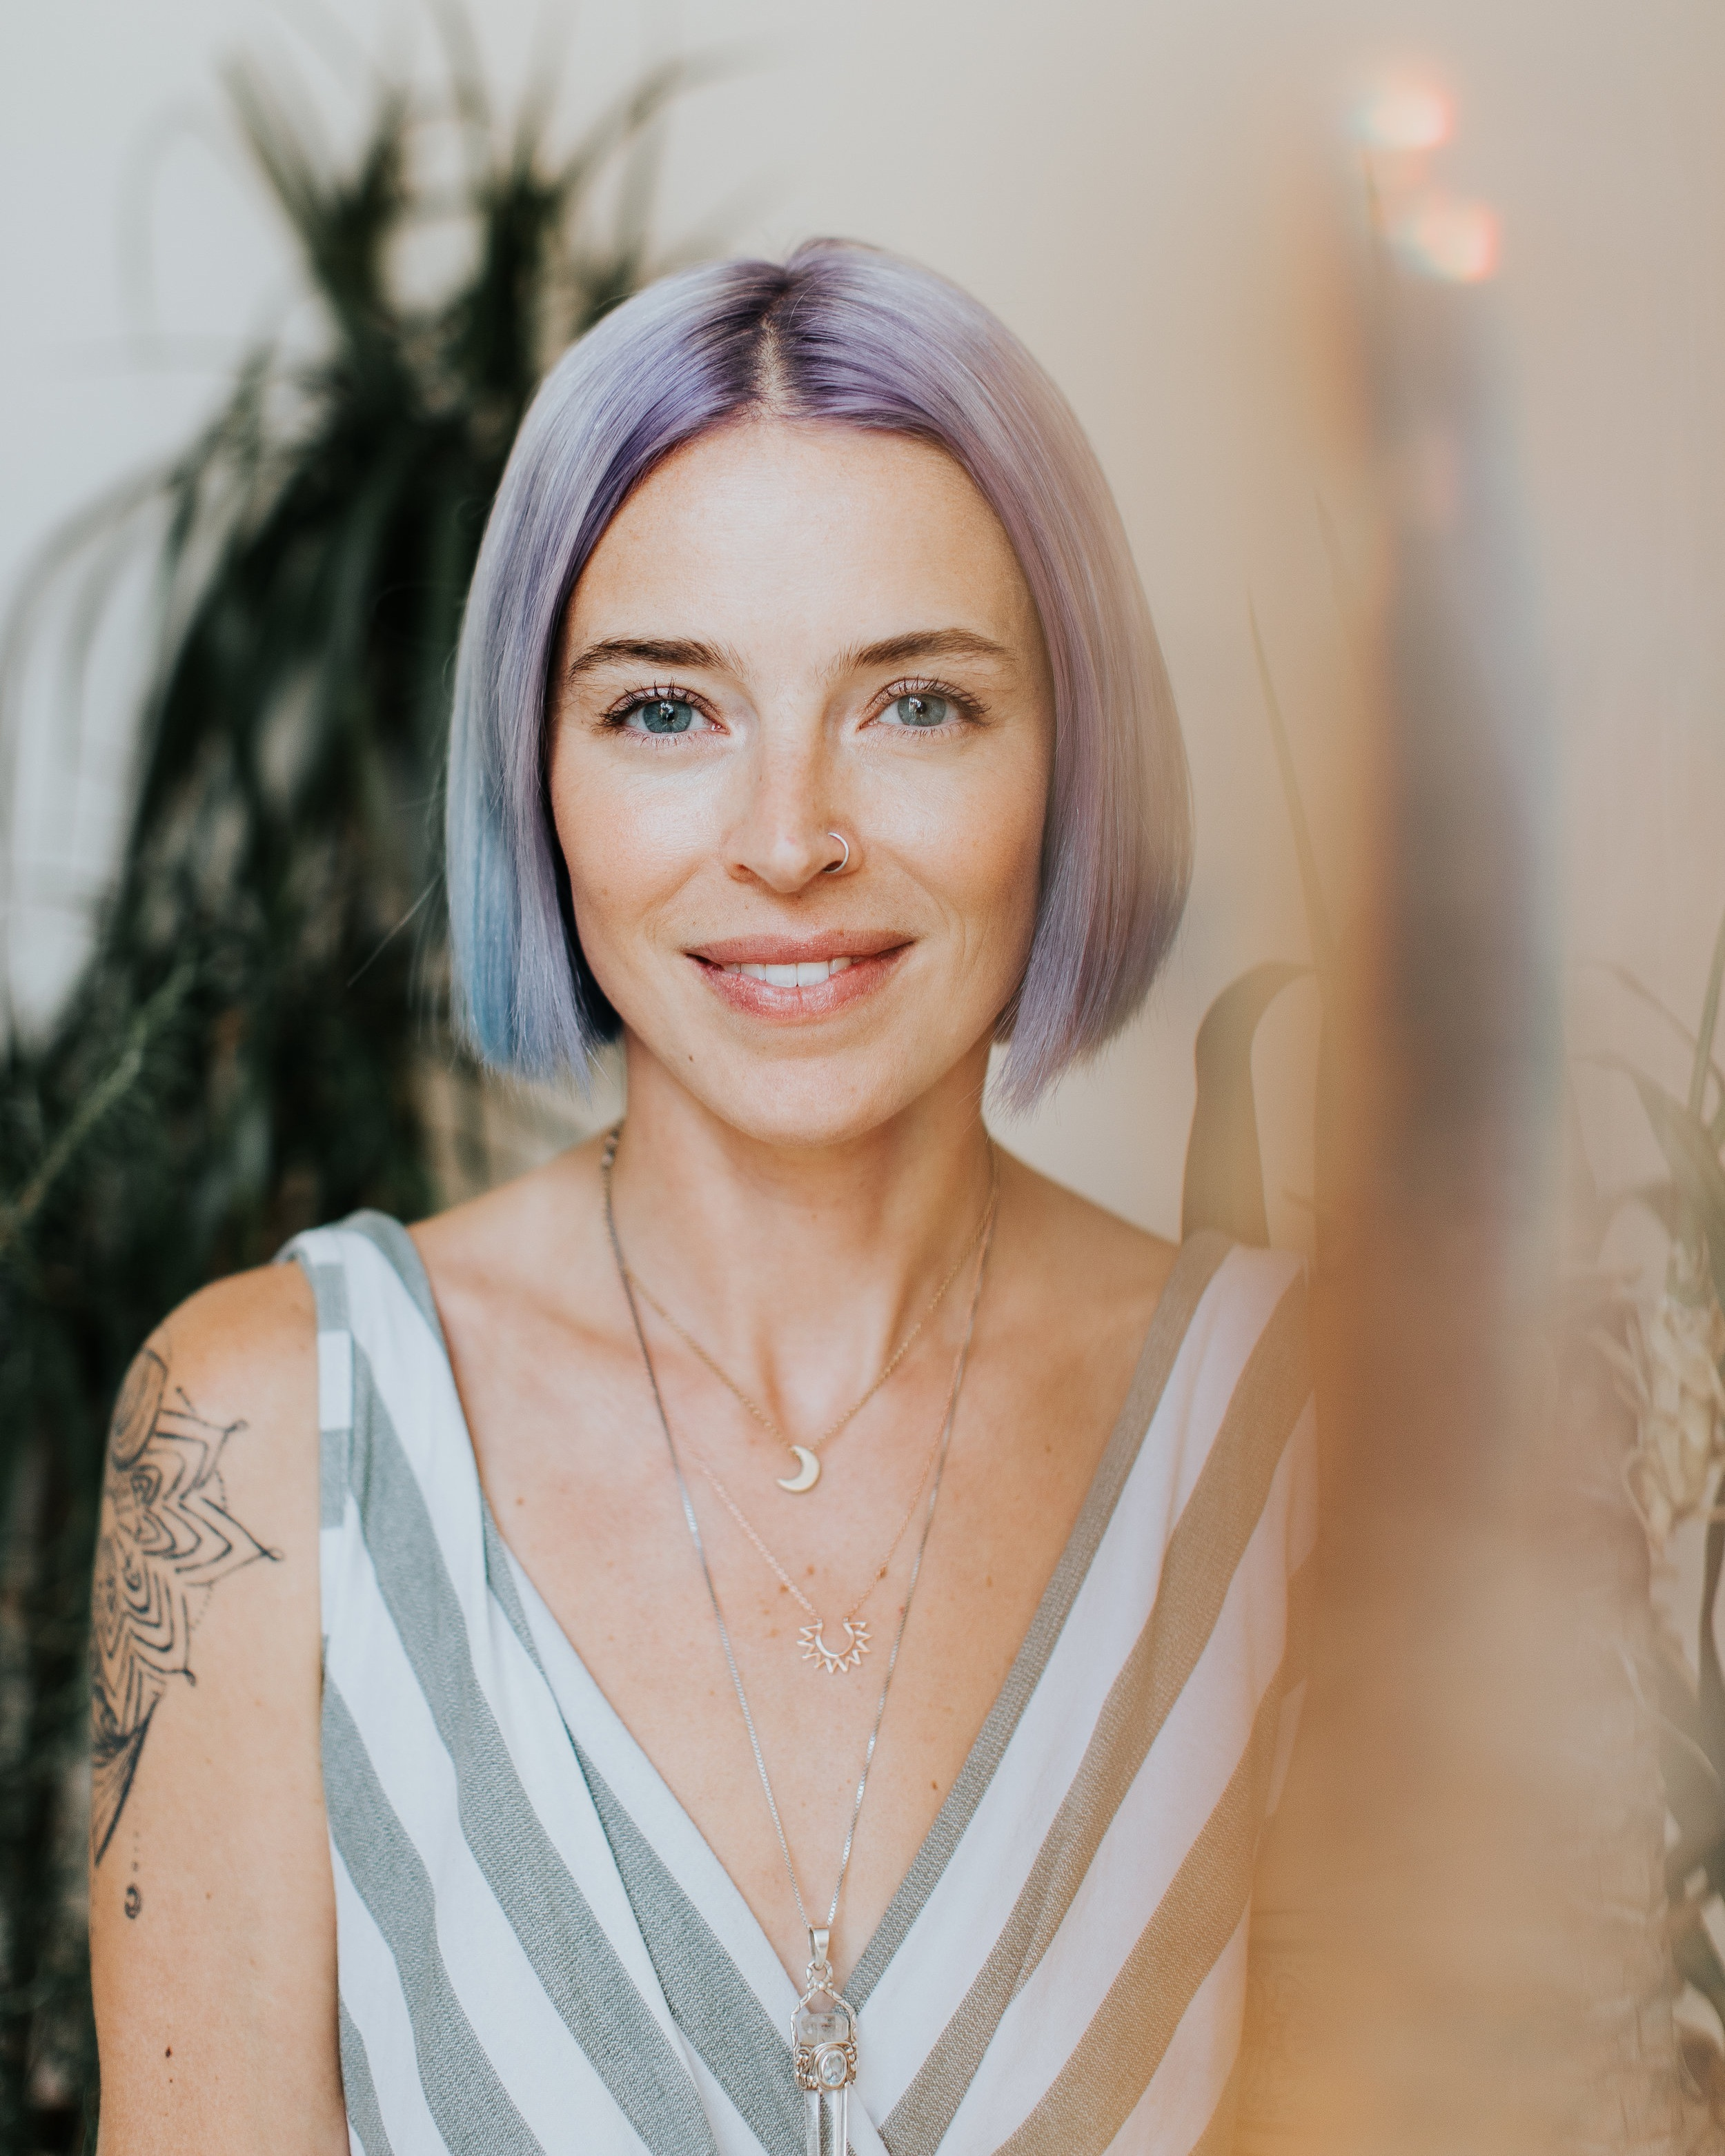 Josée-Anne SC  - CEO, sorcière assumée & créatrice de rituels magiques